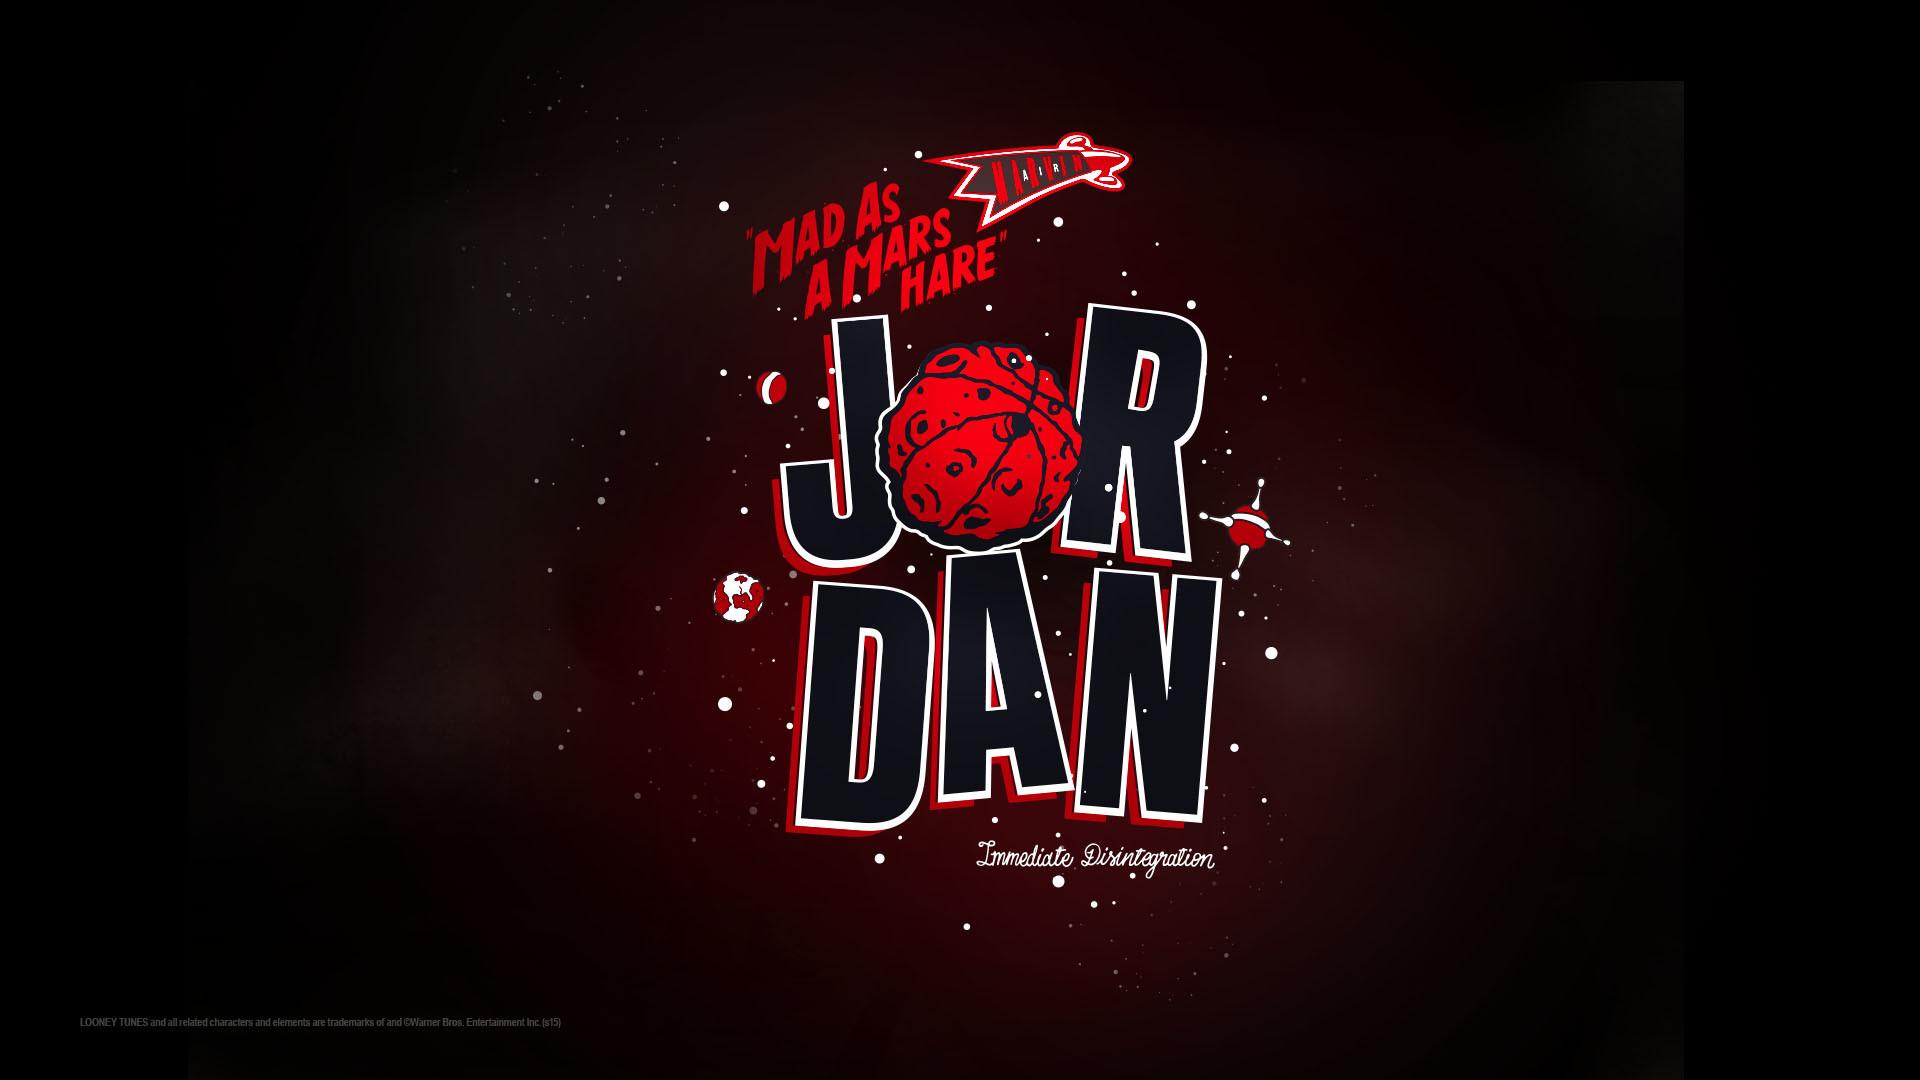 Michael Jordan Number 23 Logo: Michael Jordan Logo Wallpaper (71+ Images